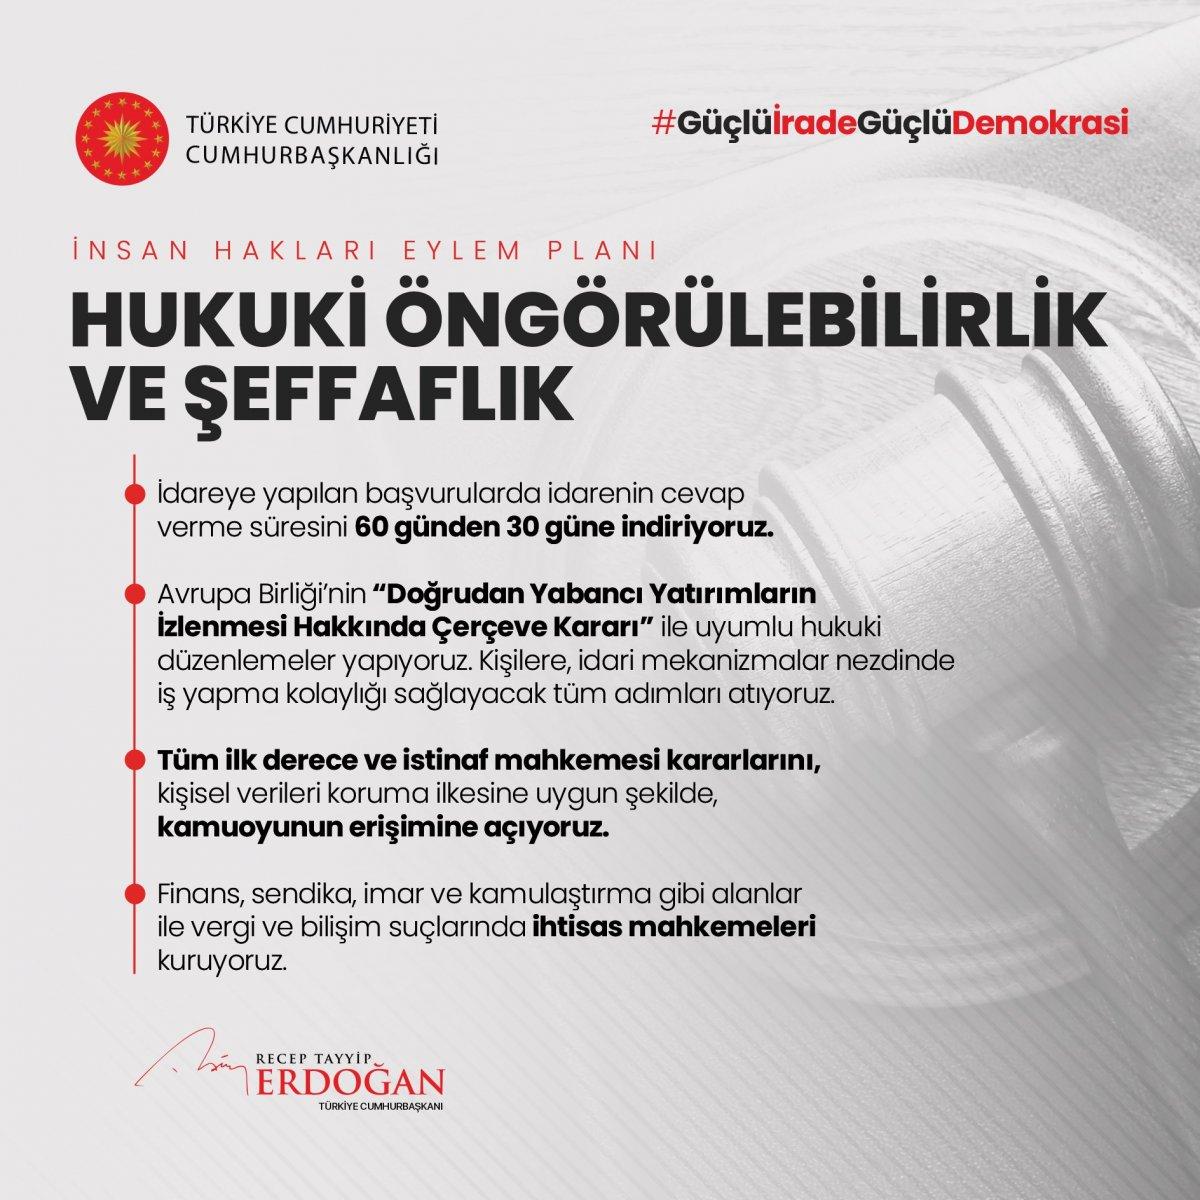 Erdoğan, İnsan Hakları Eylem Planı'nın 11 ilkesini açıkladı #3